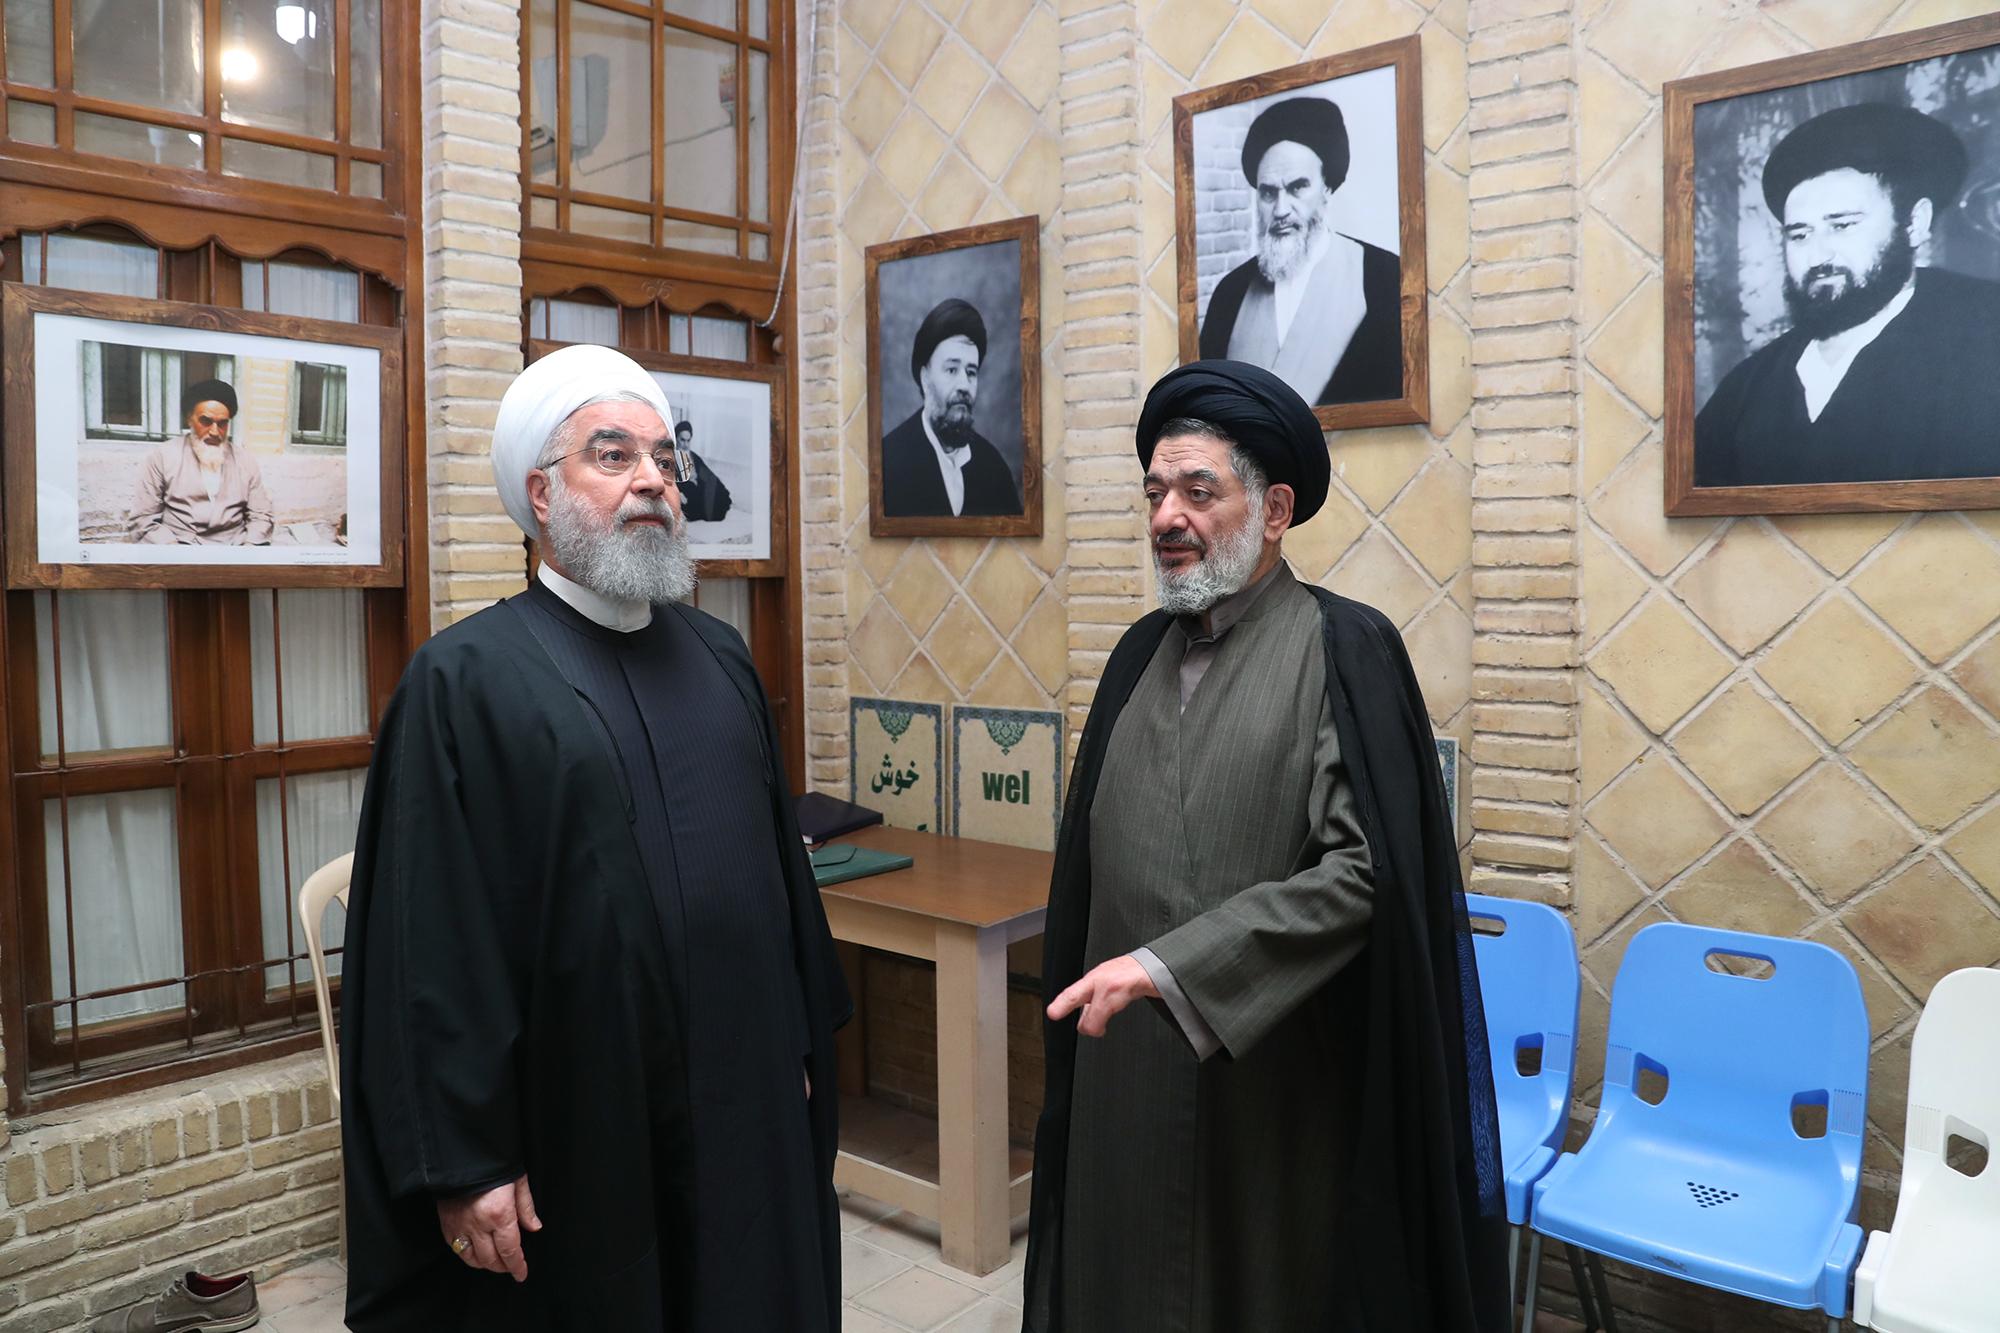 بازدید روحانی از بیت تاریخی امام خمینی(ره) در نجف اشرف